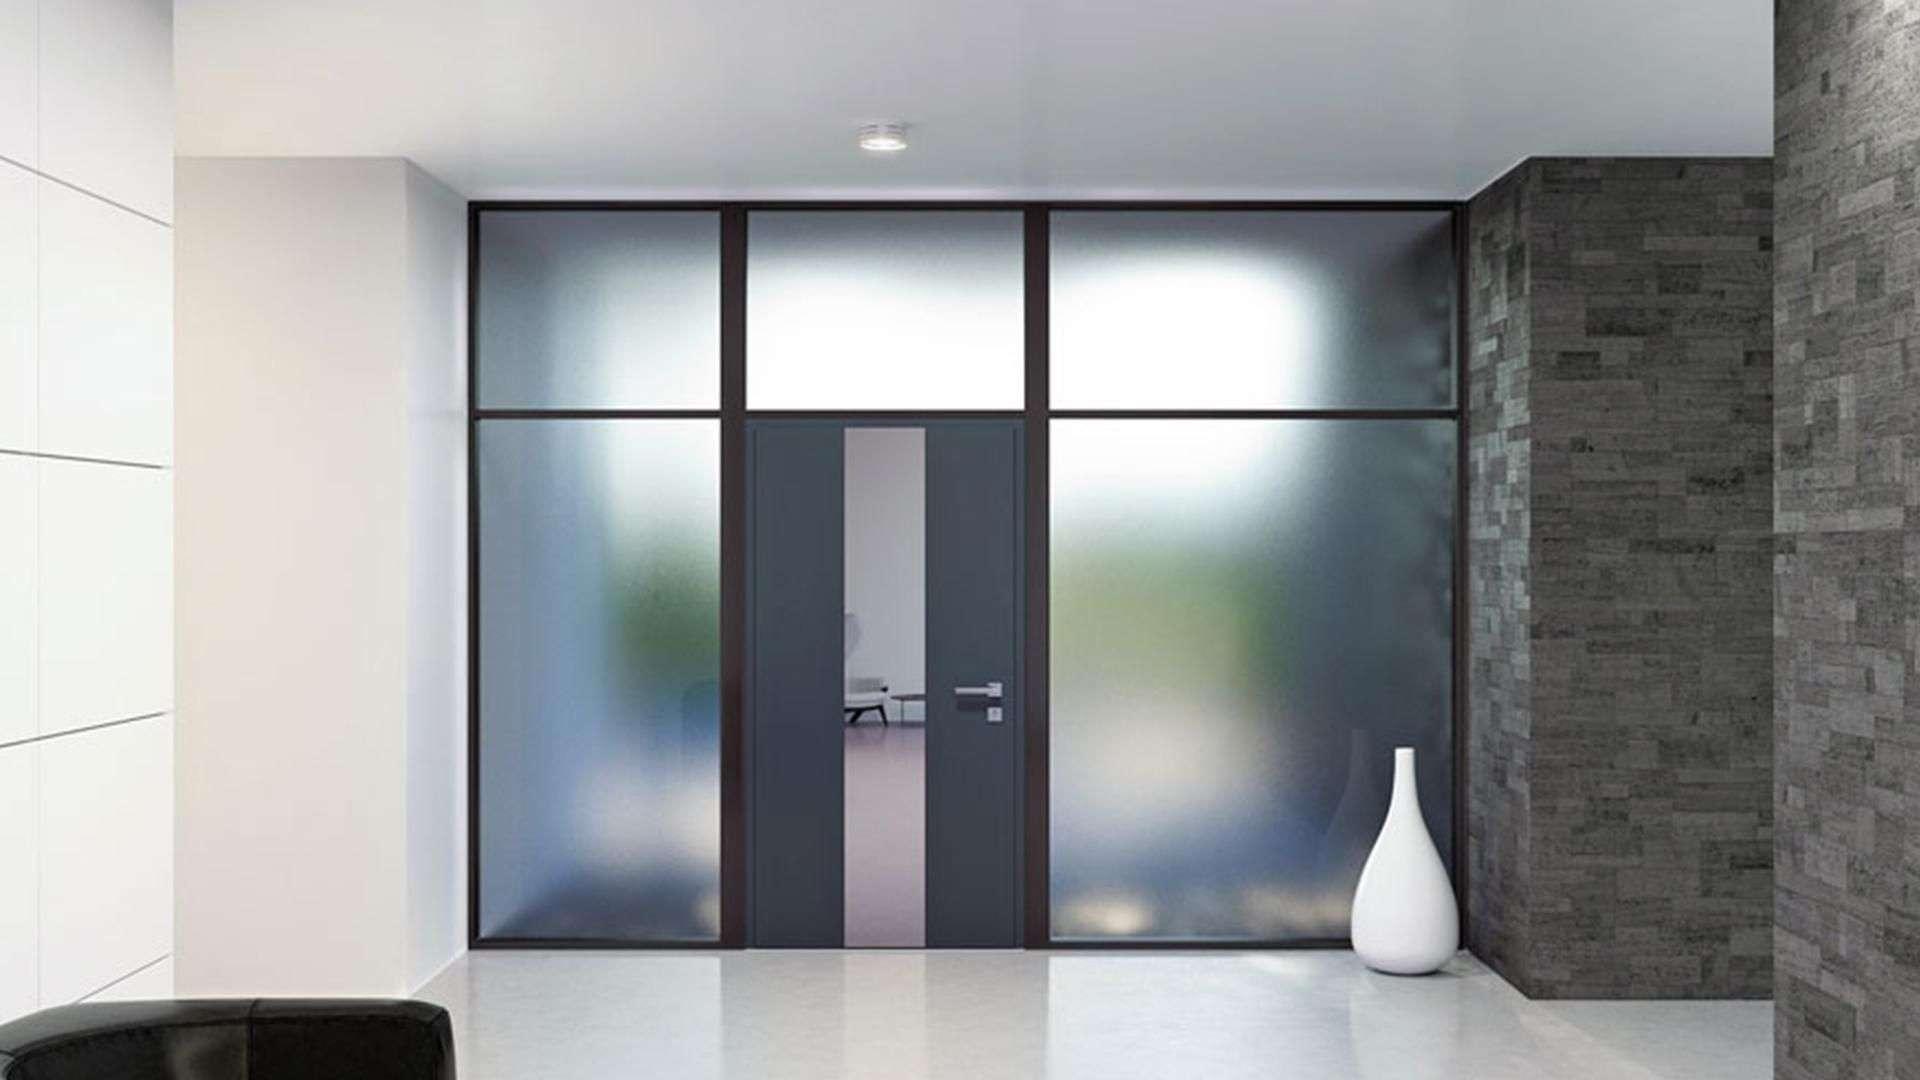 Haustür in einer Glaswand